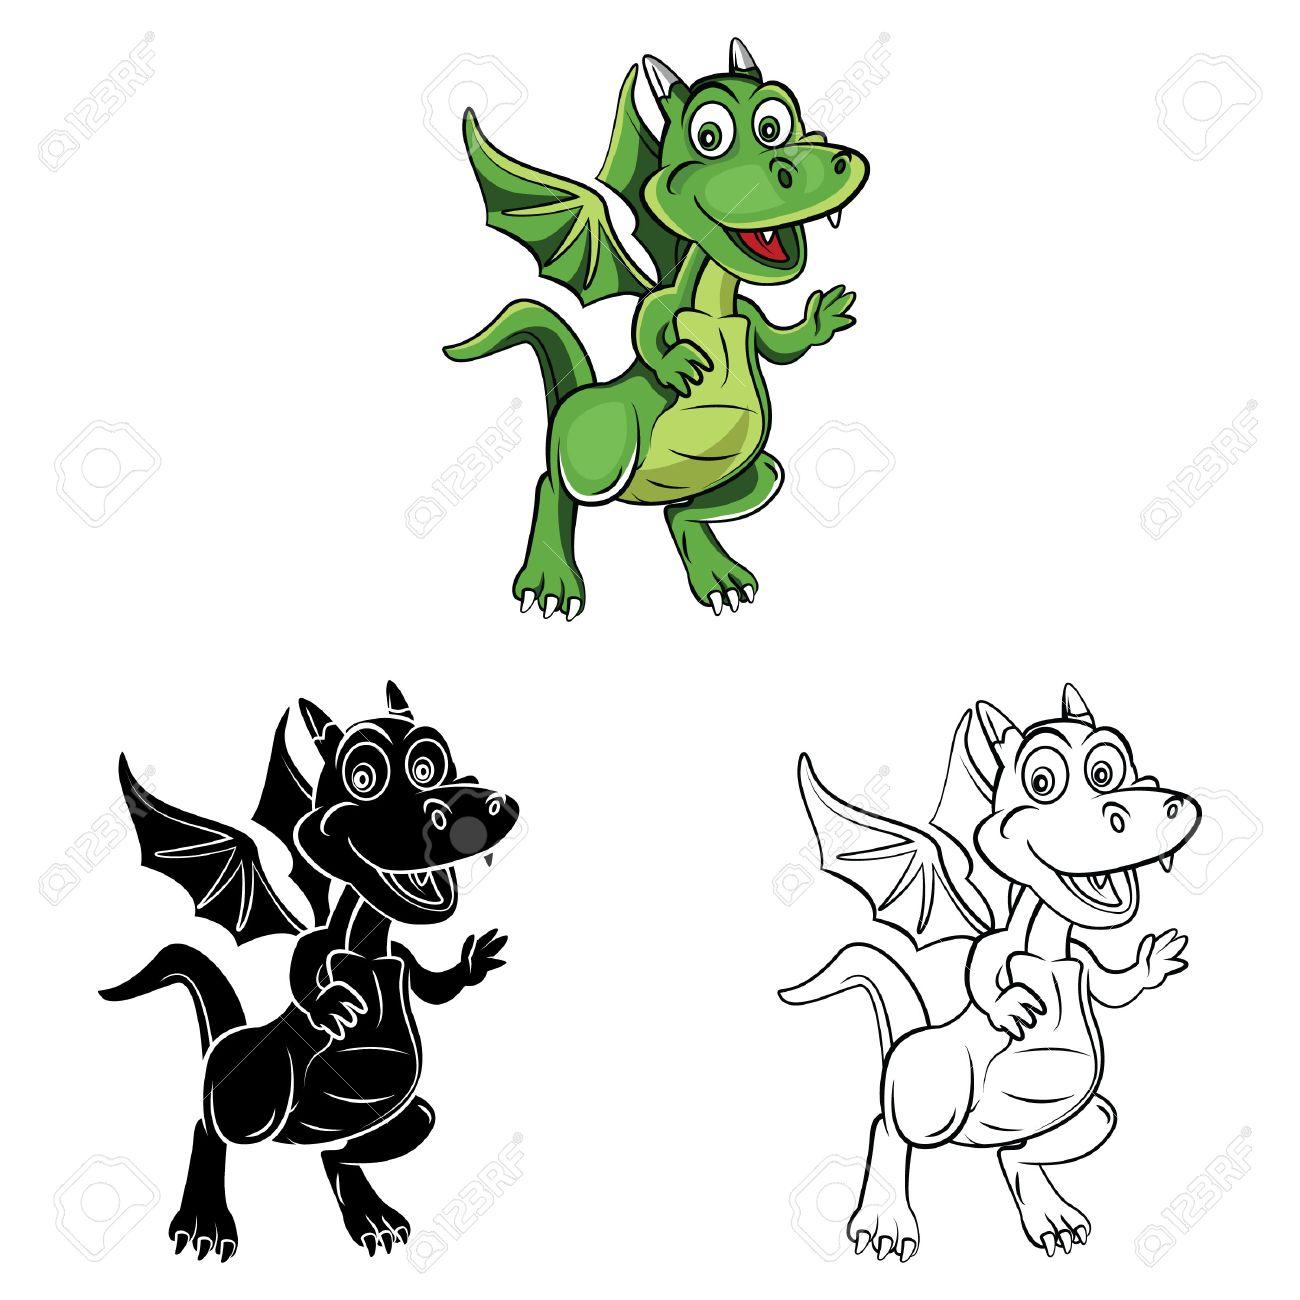 personnage de dessin animé dragon enfants livre de coloriage illustration vectorielle EPS10 Banque d